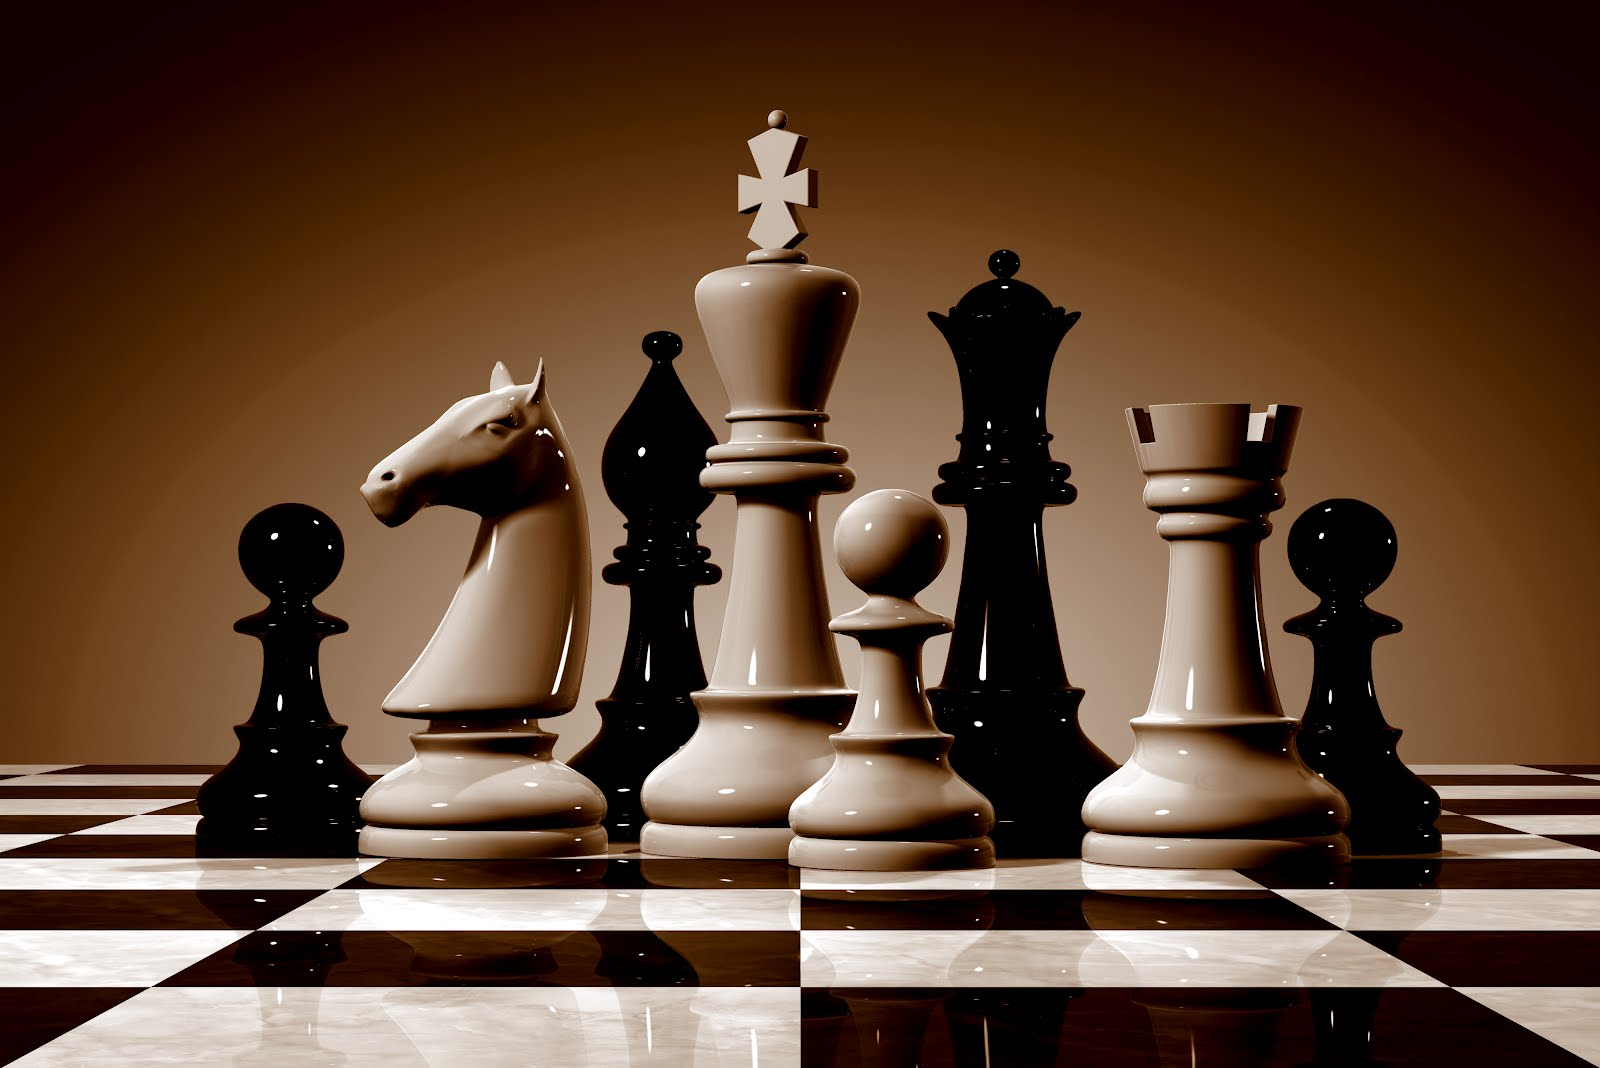 В калужских школах будут проходить уроки по шахматам